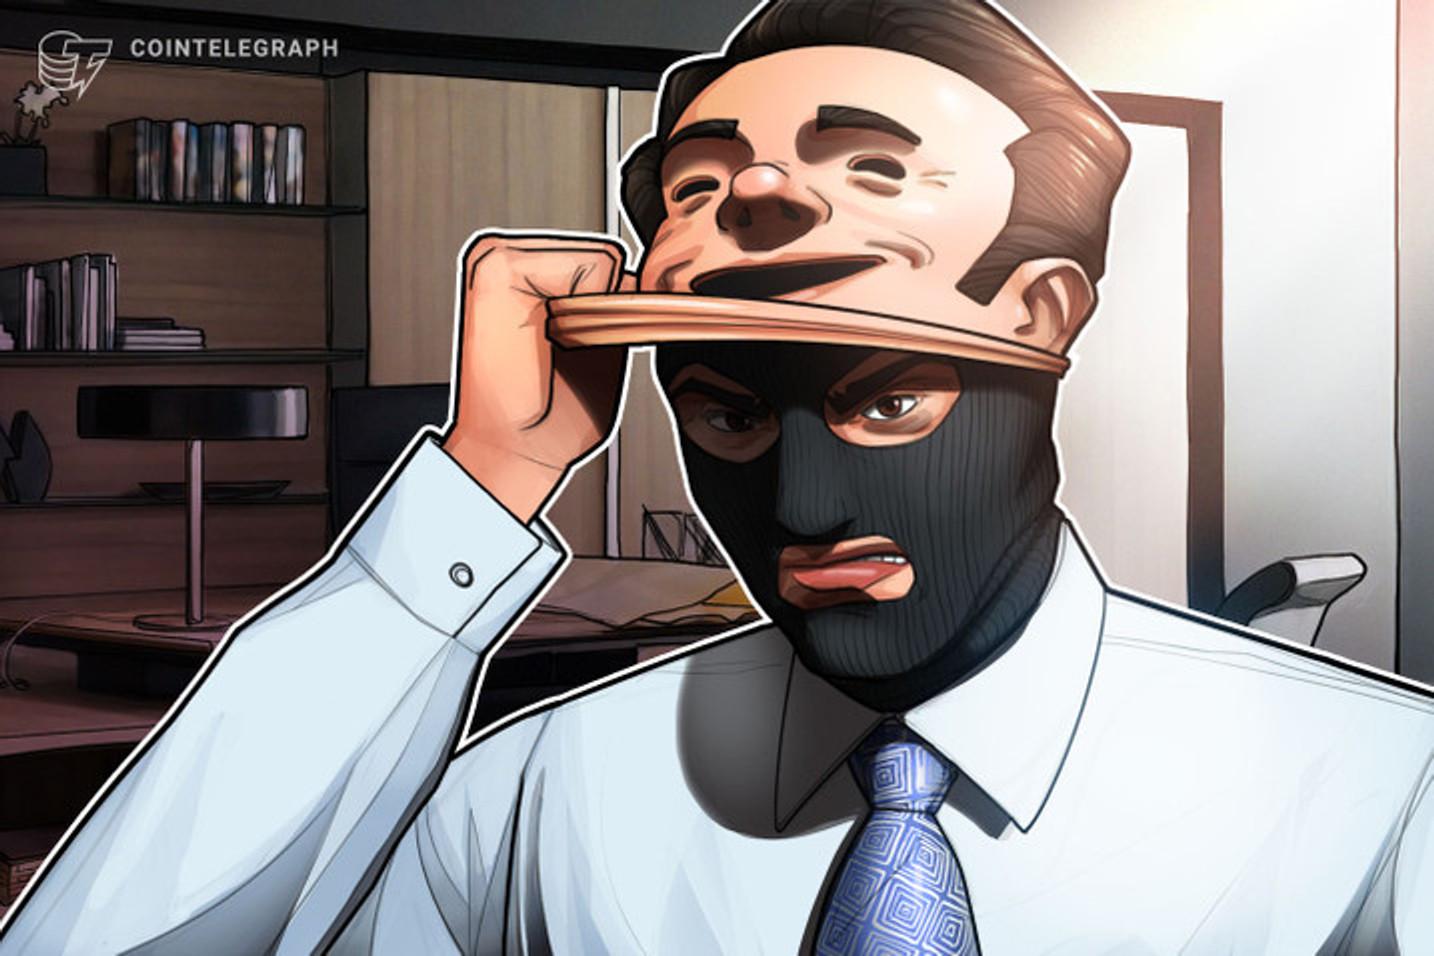 Casal consegue exumação de corpo do ex-líder da pirâmide de Bitcoin Rota 33 usando documentos falsos